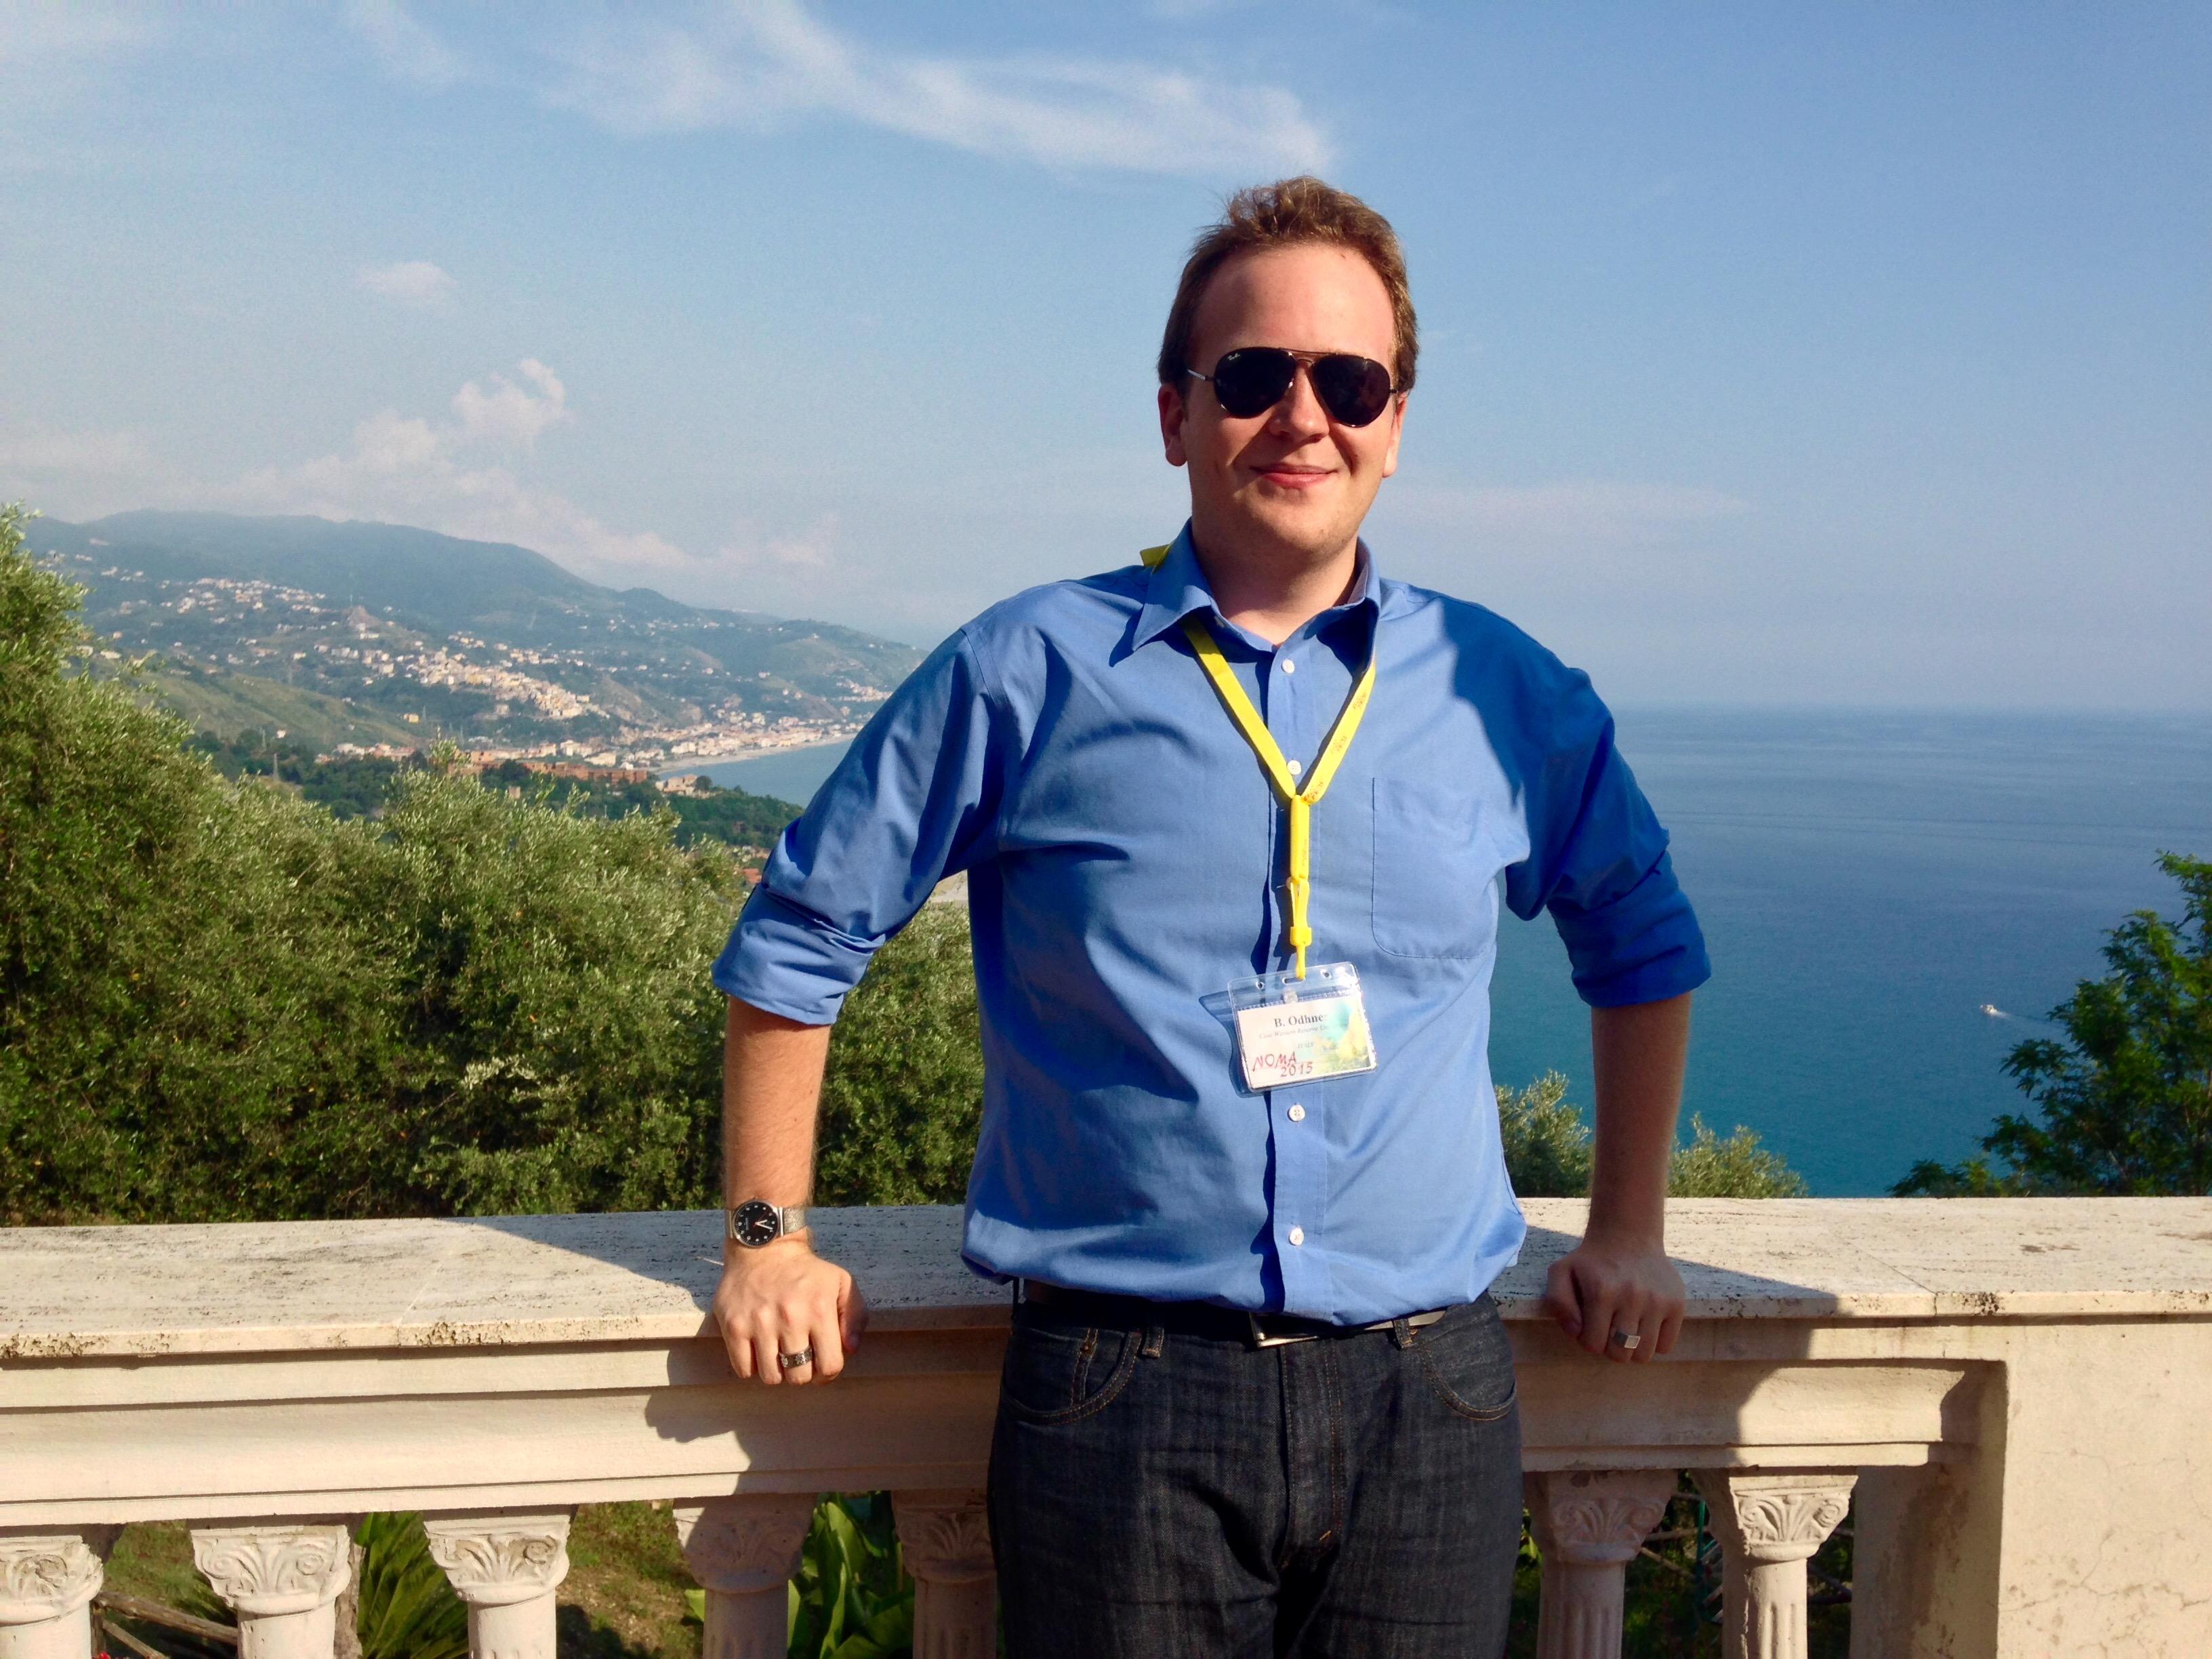 Brad Odhner in Cetraro, Calabria